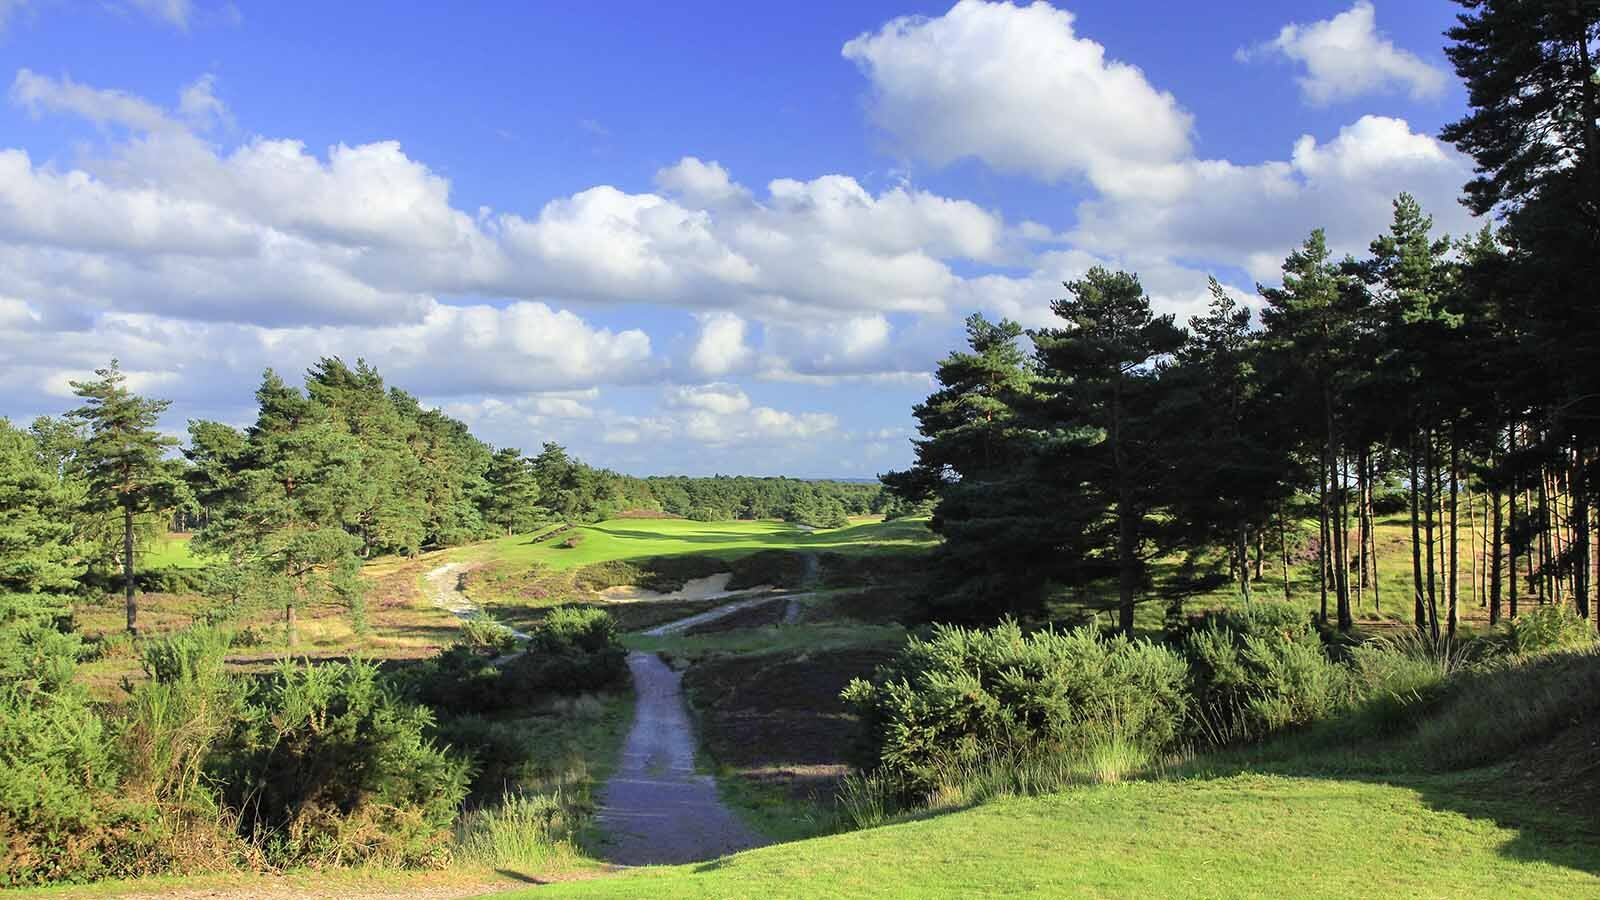 sunningdale_golf_club_4.jpg